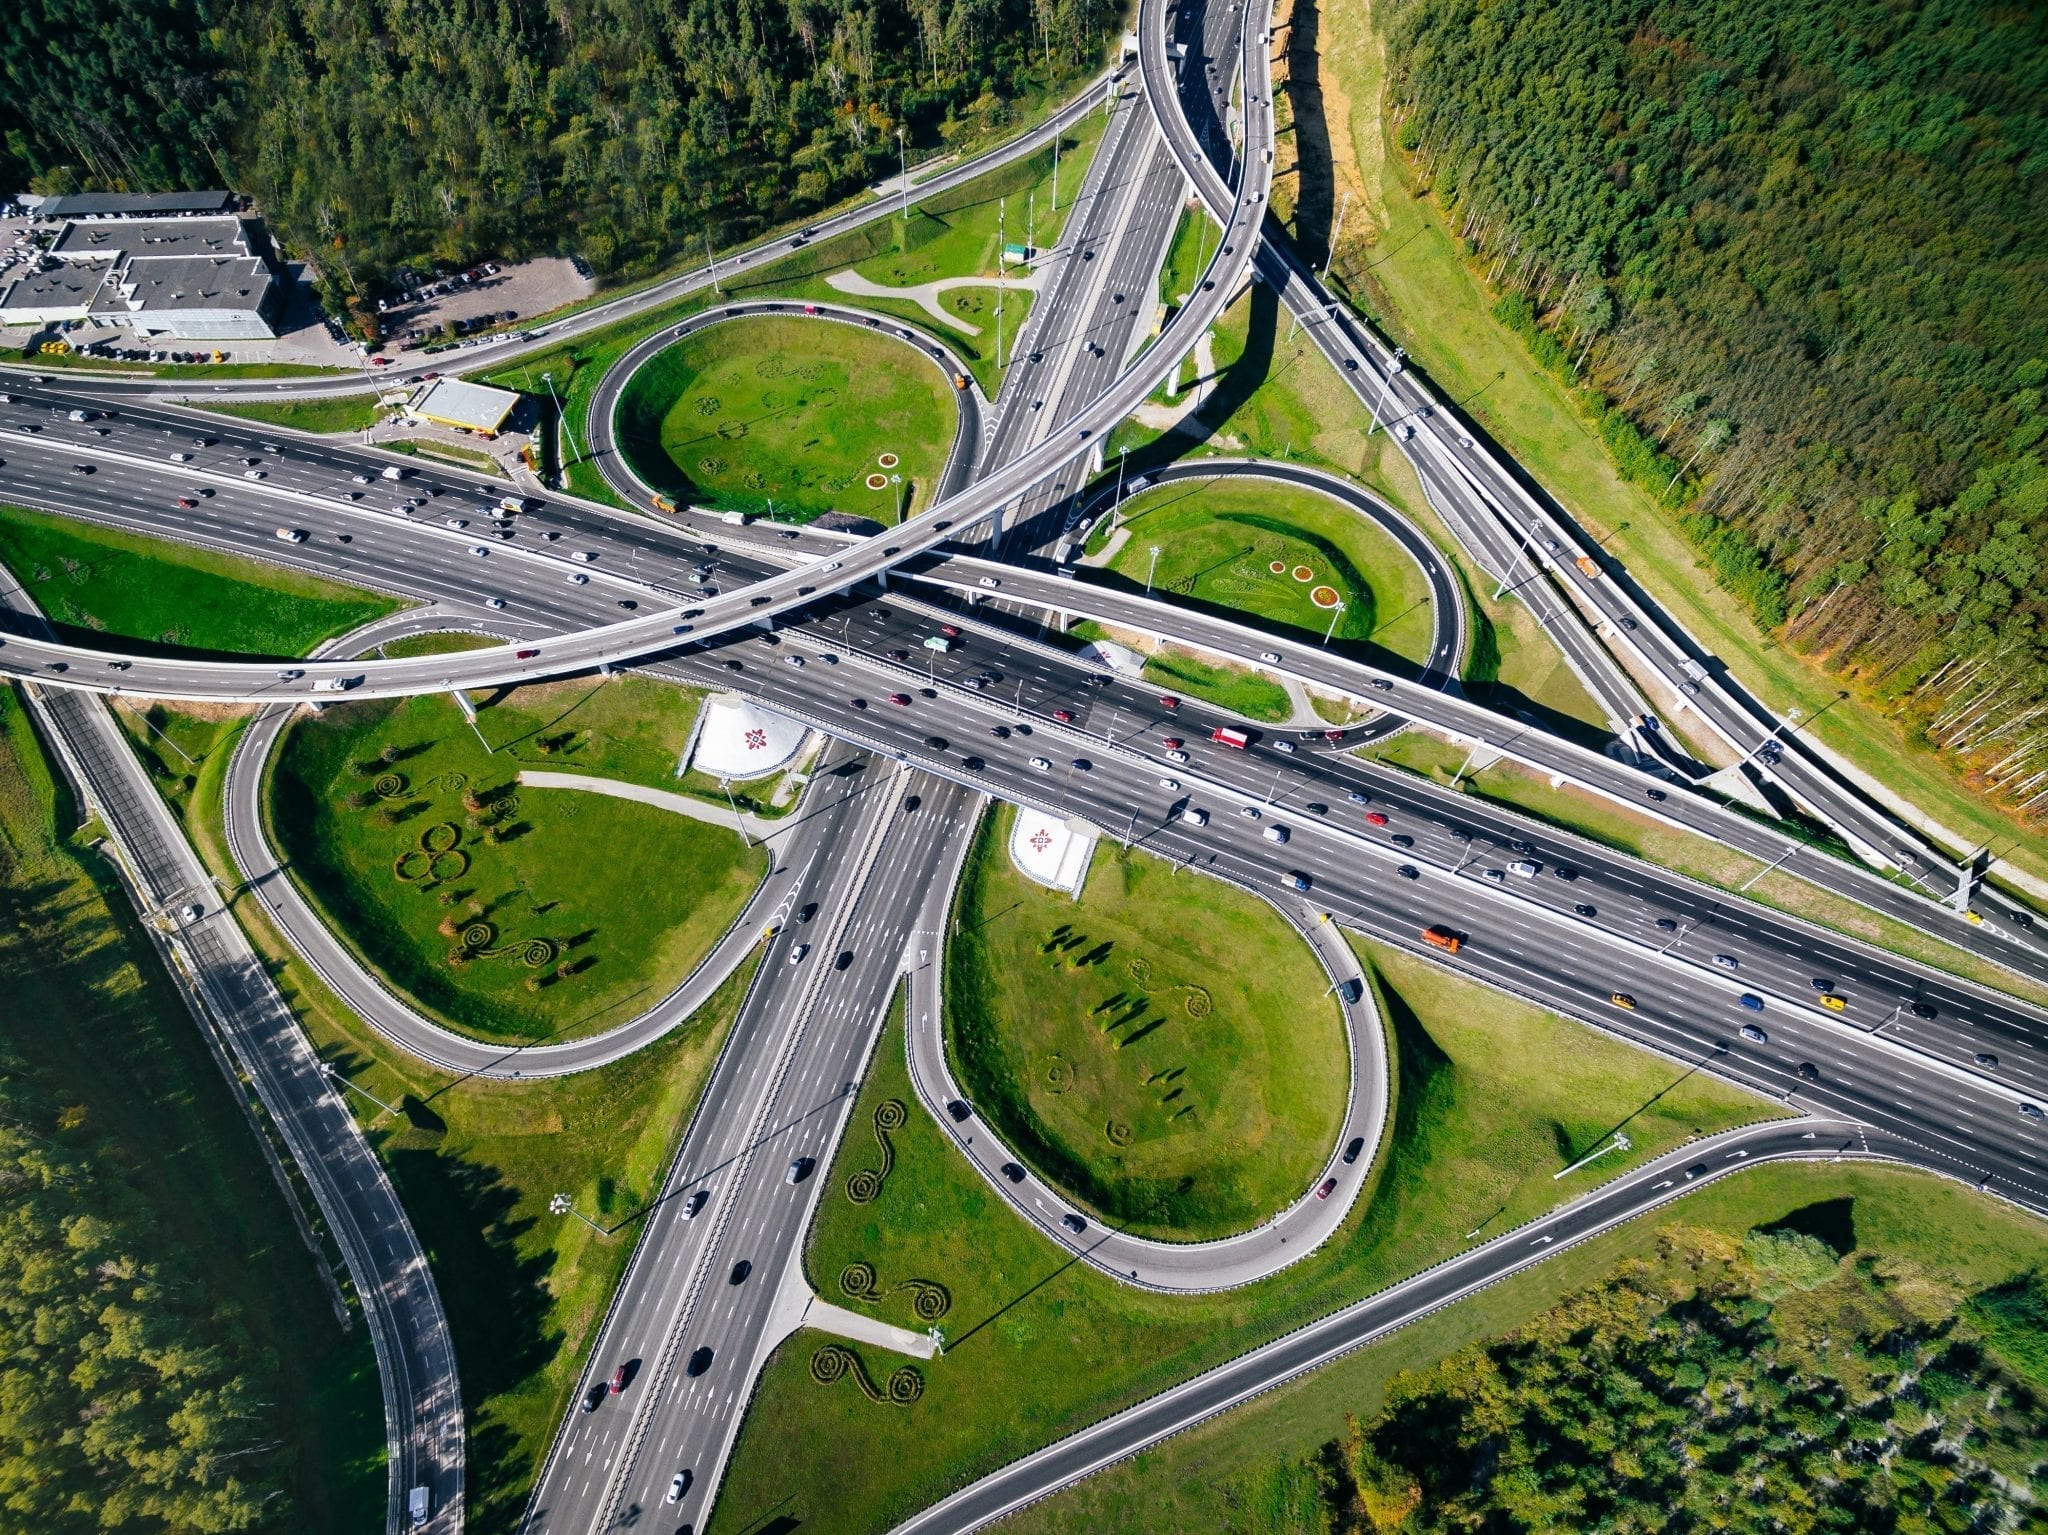 infrastructure, birdeyeview, aerialphotography, junction, highways, birdstagram, roadout